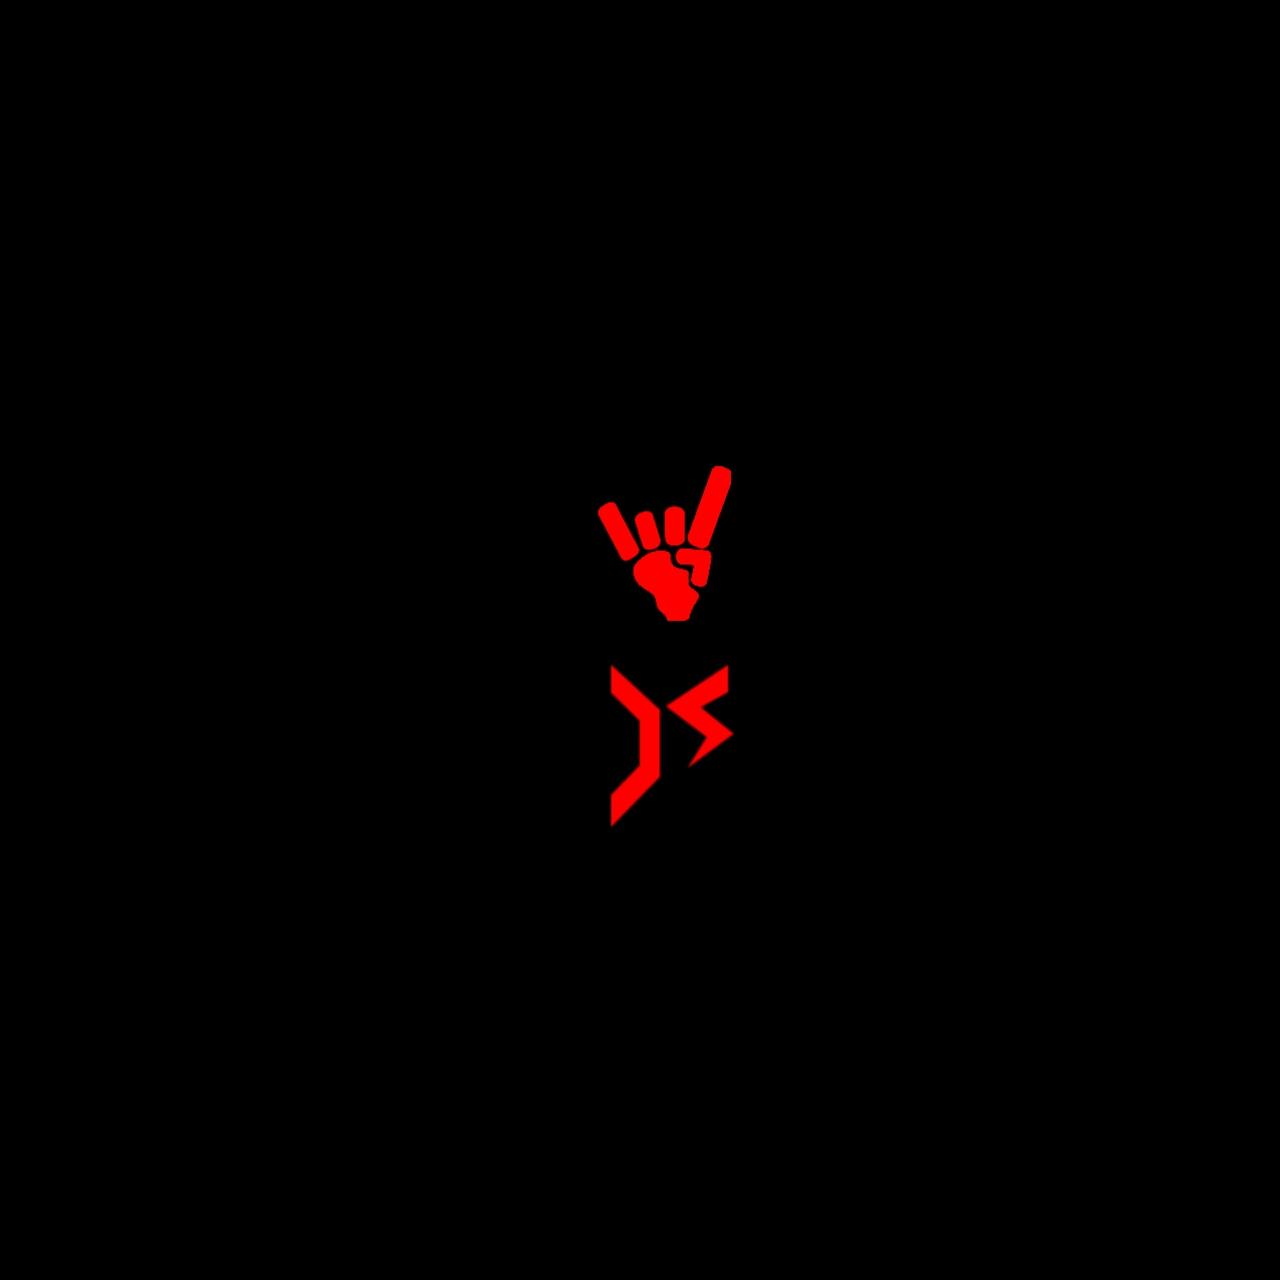 Нарисовать логотип для сольного музыкального проекта фото f_9955ba67f4b841c8.jpg